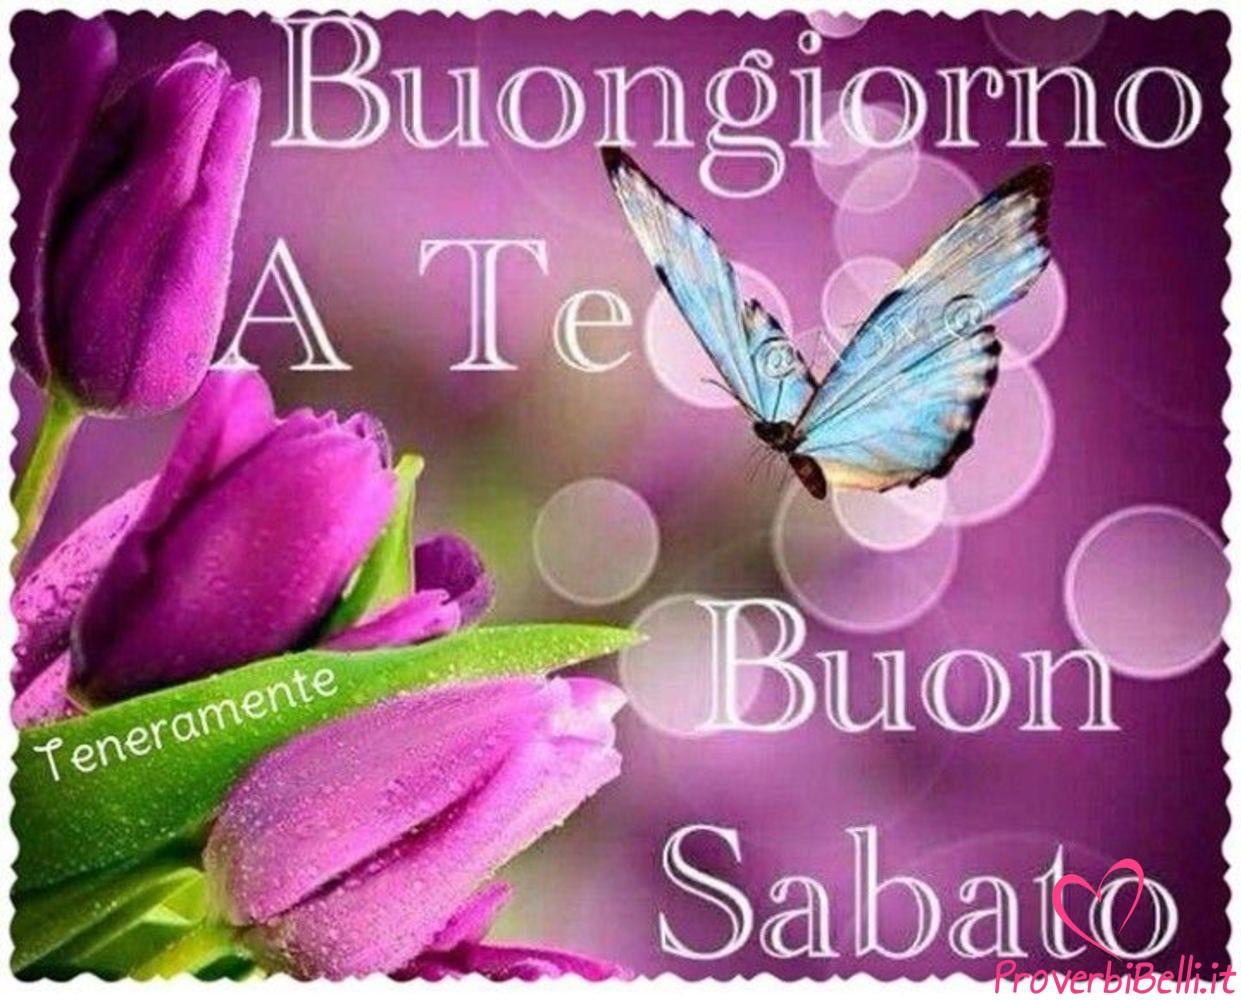 Immagini-Buongiorno-Sabato-per-Whatsapp-724